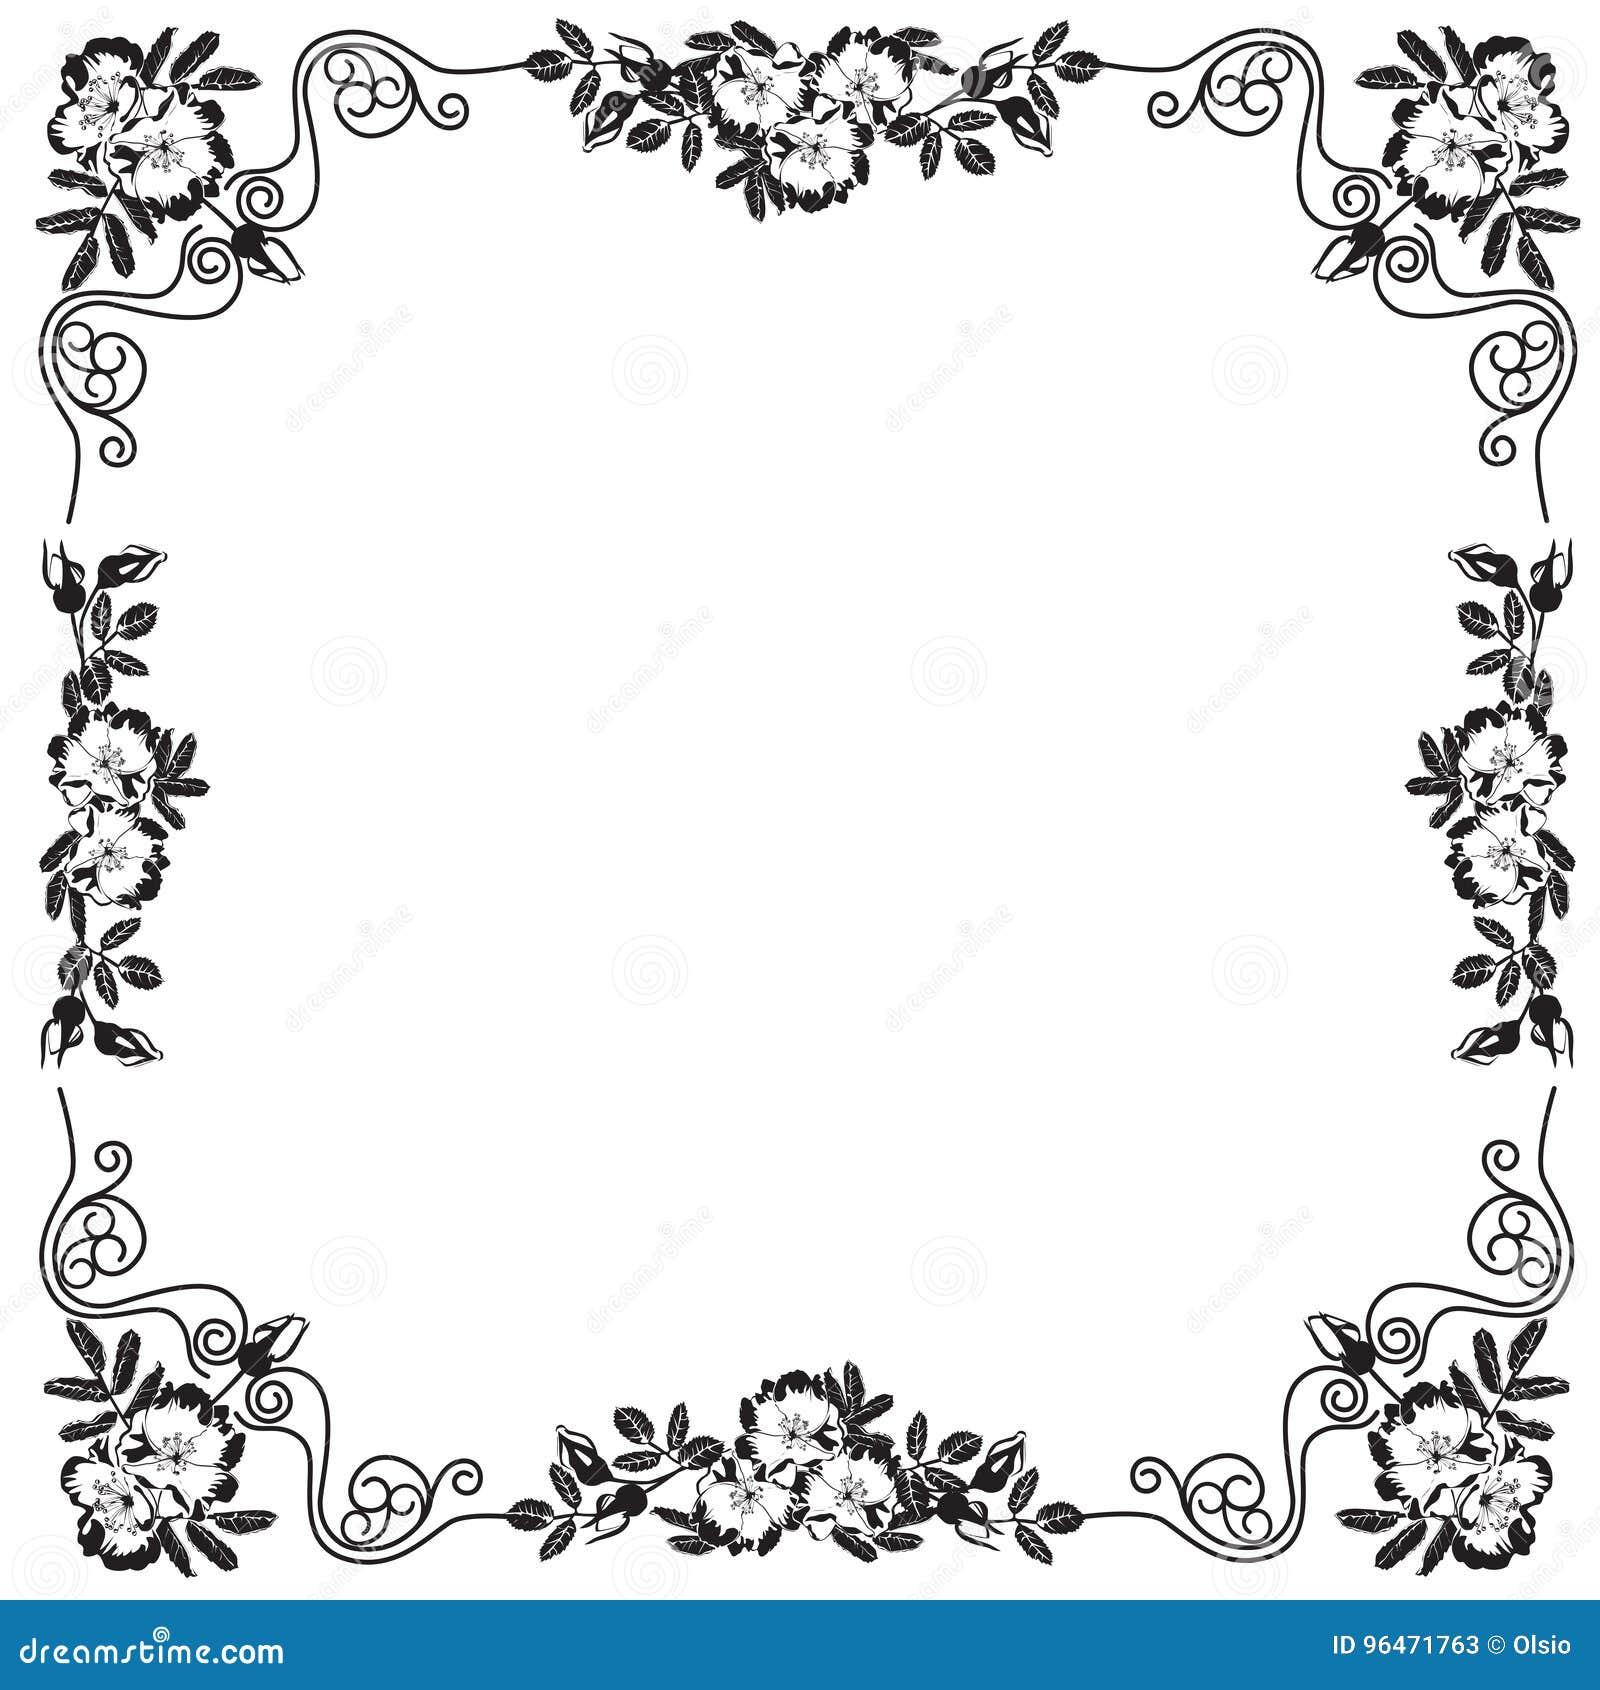 cadre décoratif, cadre pour le texte dans le vect noir et blanc